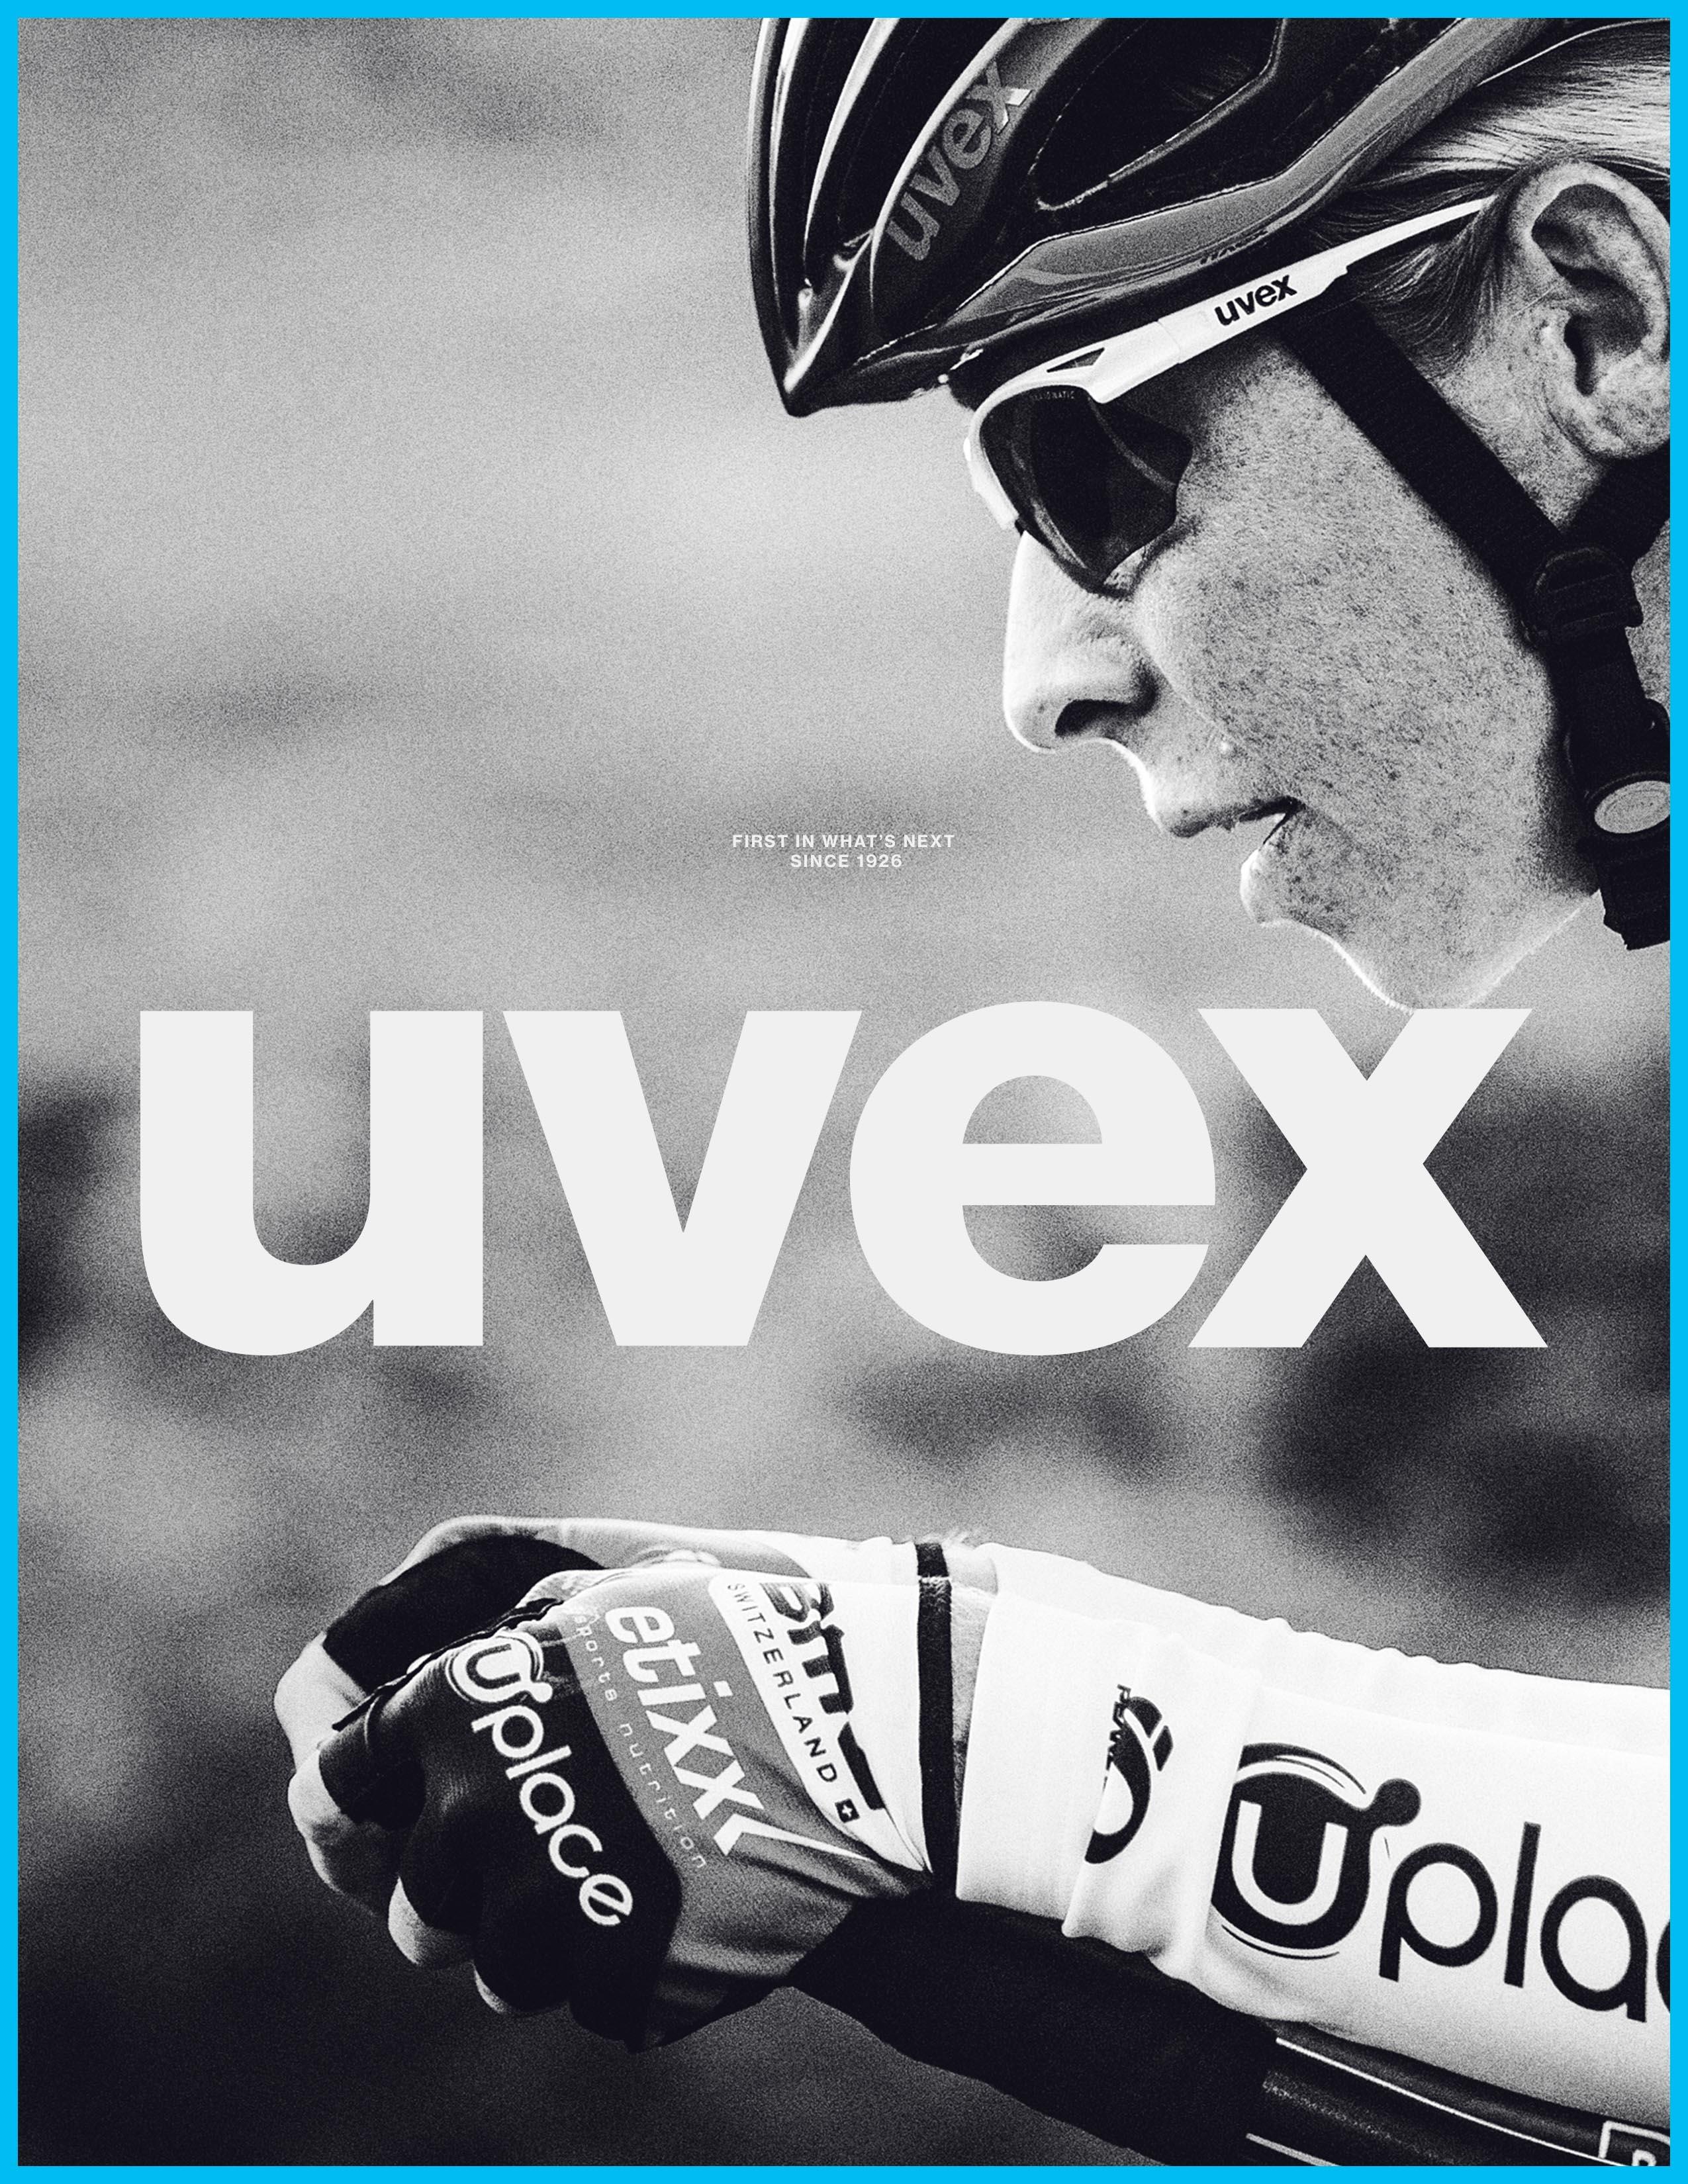 UVEX-LayoutsArtboard 11 copy 2